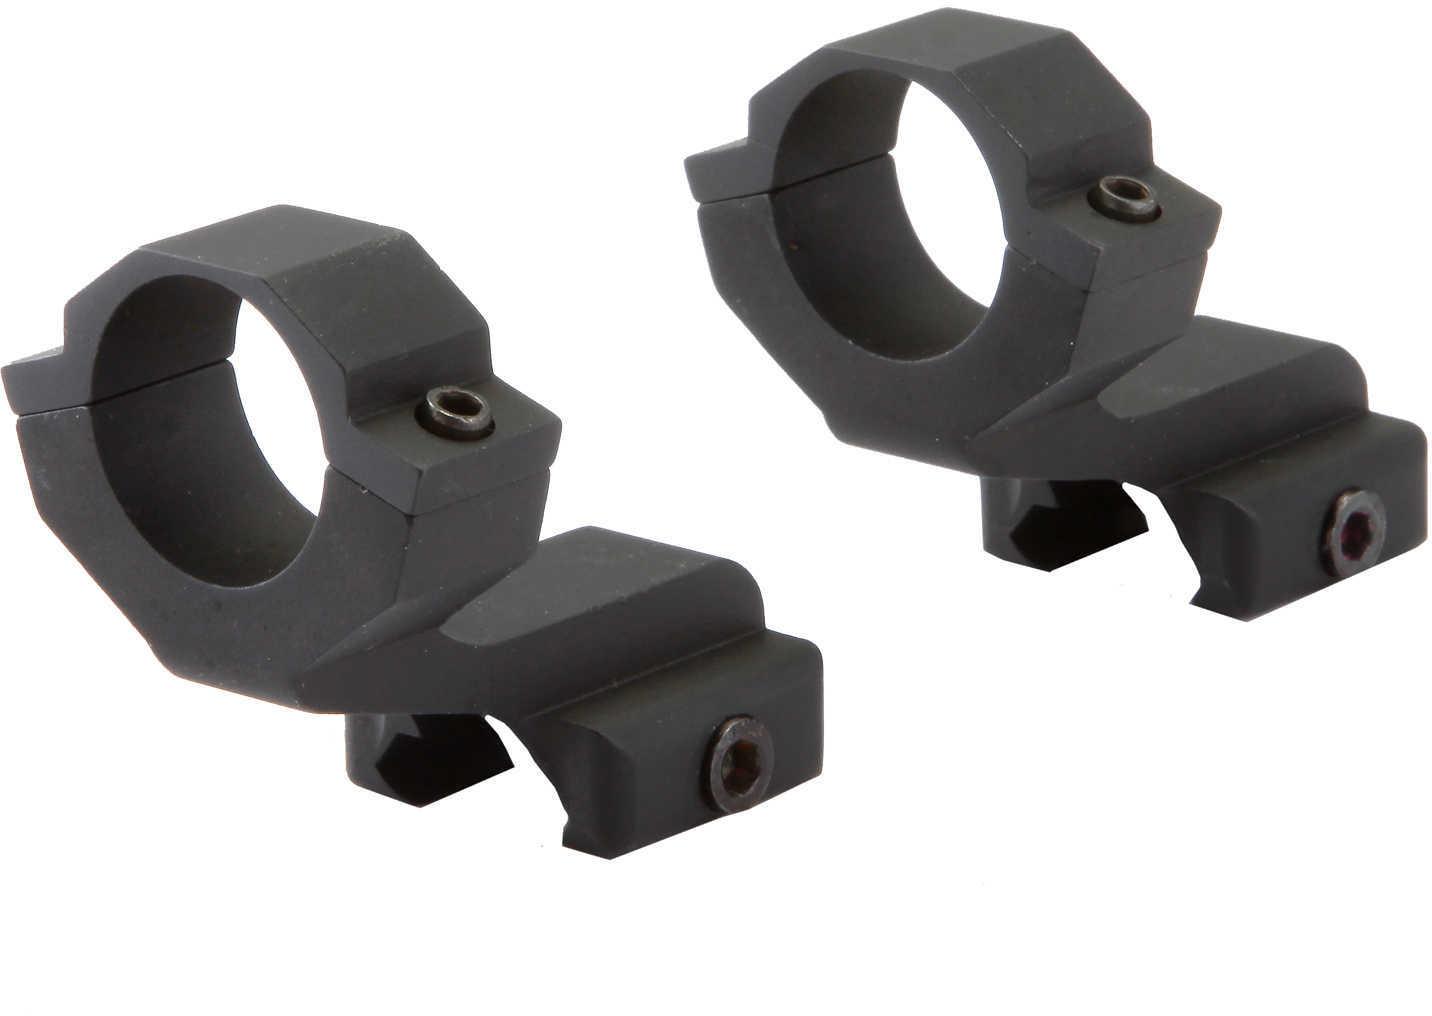 Tactical Weapon 2 Piece Mount, 30mm No Rails Md: TWAR2Pm